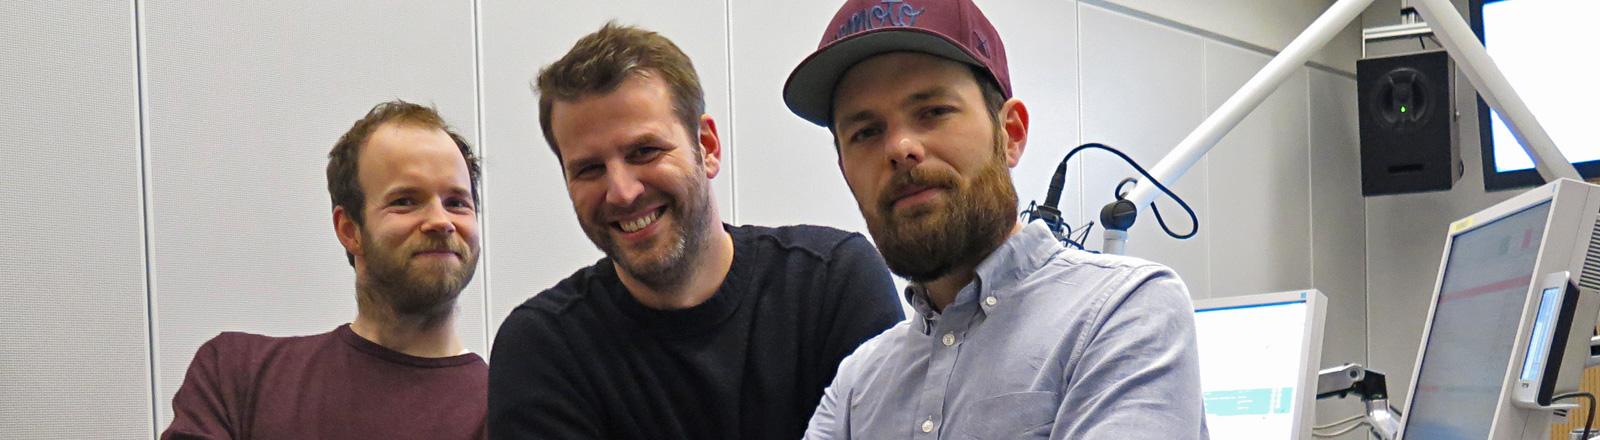 Moderator Ralph Günther steht zwischen den beiden Studiogästen Quichotte und Patrick Salmen.